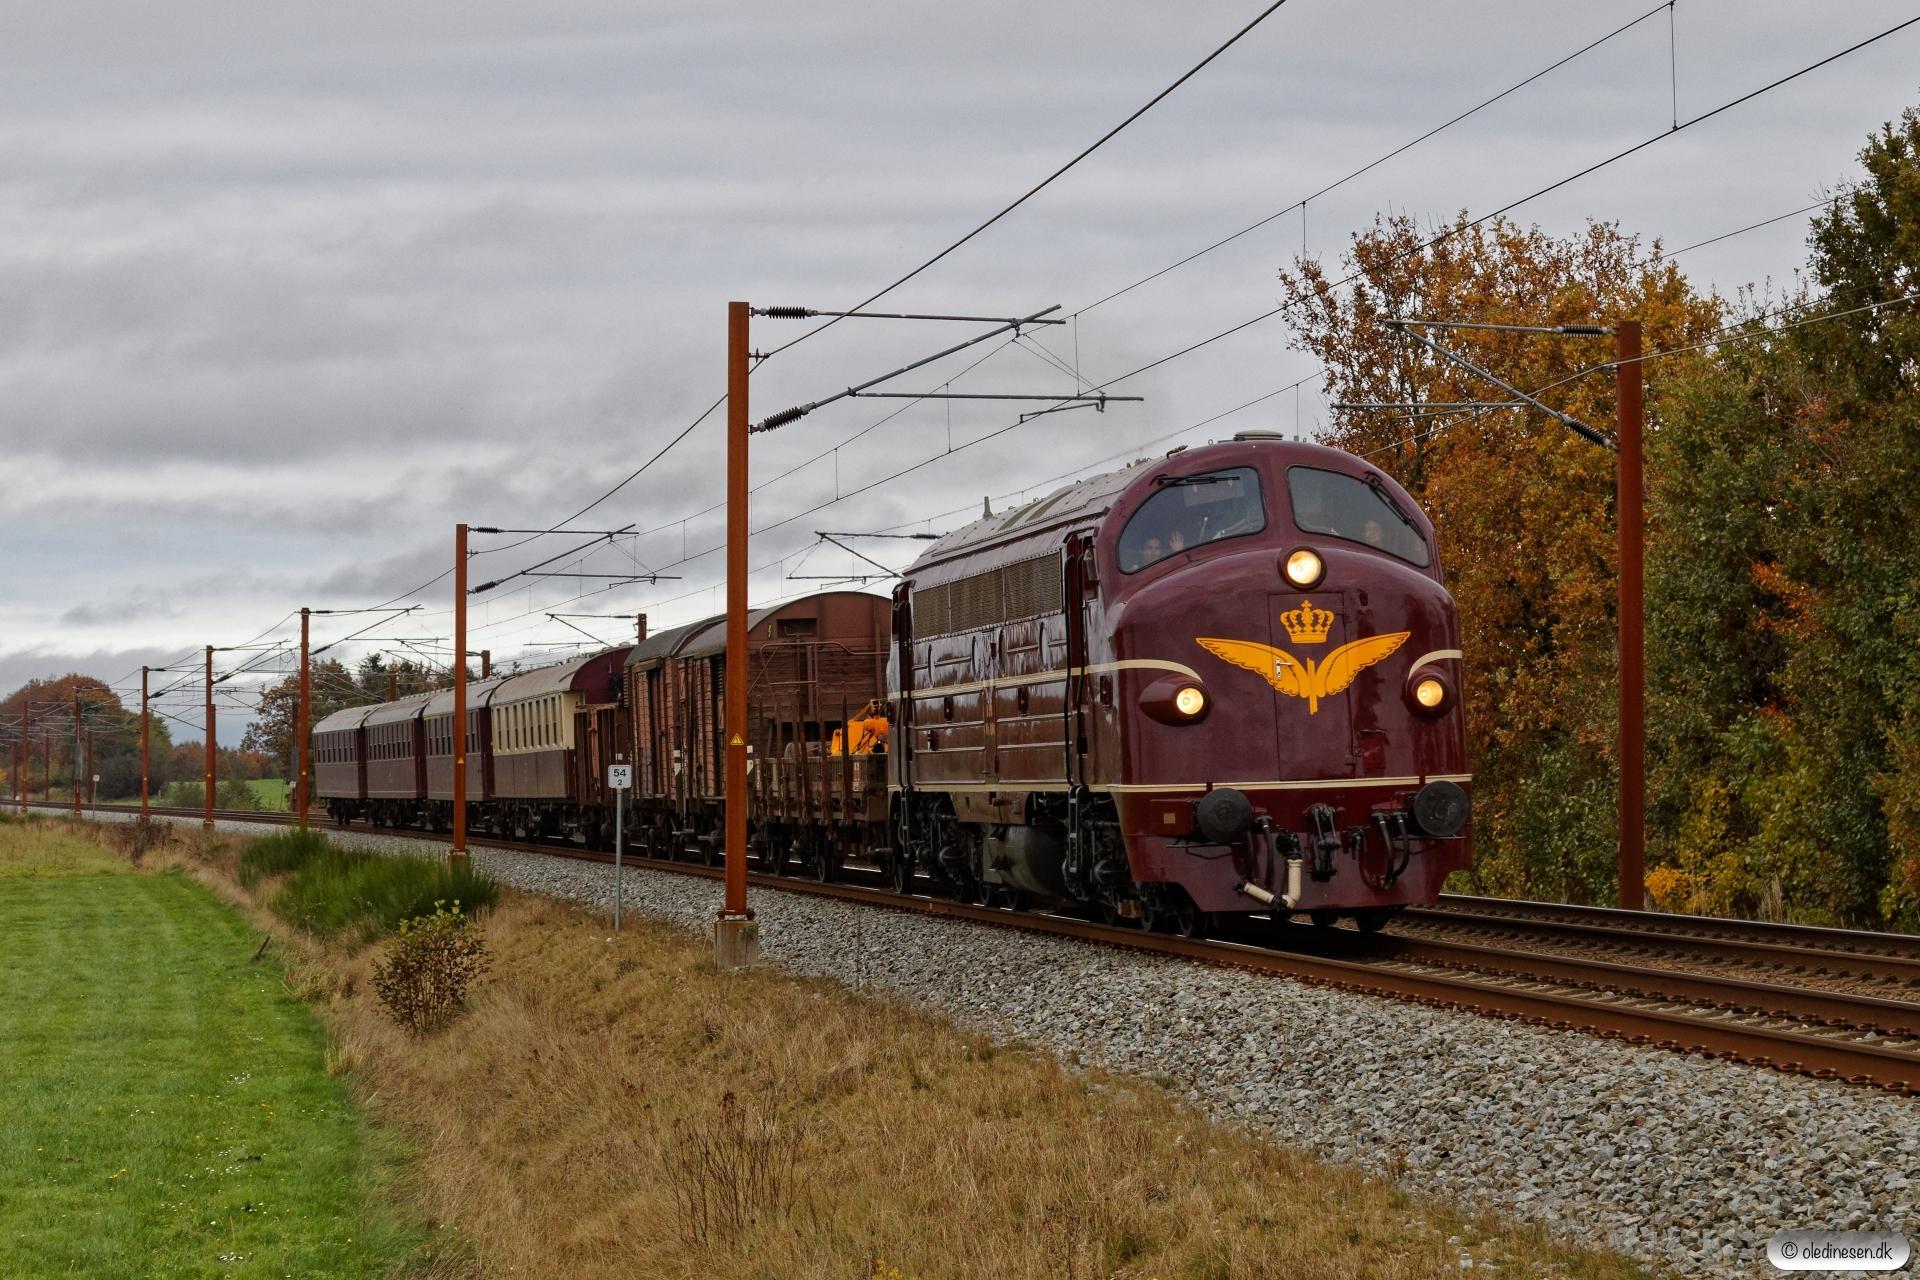 DSB MY 1101+Ks+GS+HD+E+BU+AX+CC+AC som VM 6431 Od-Pa. Km 54,2 Fa (Sommersted-Vojens) 31.10.2020.